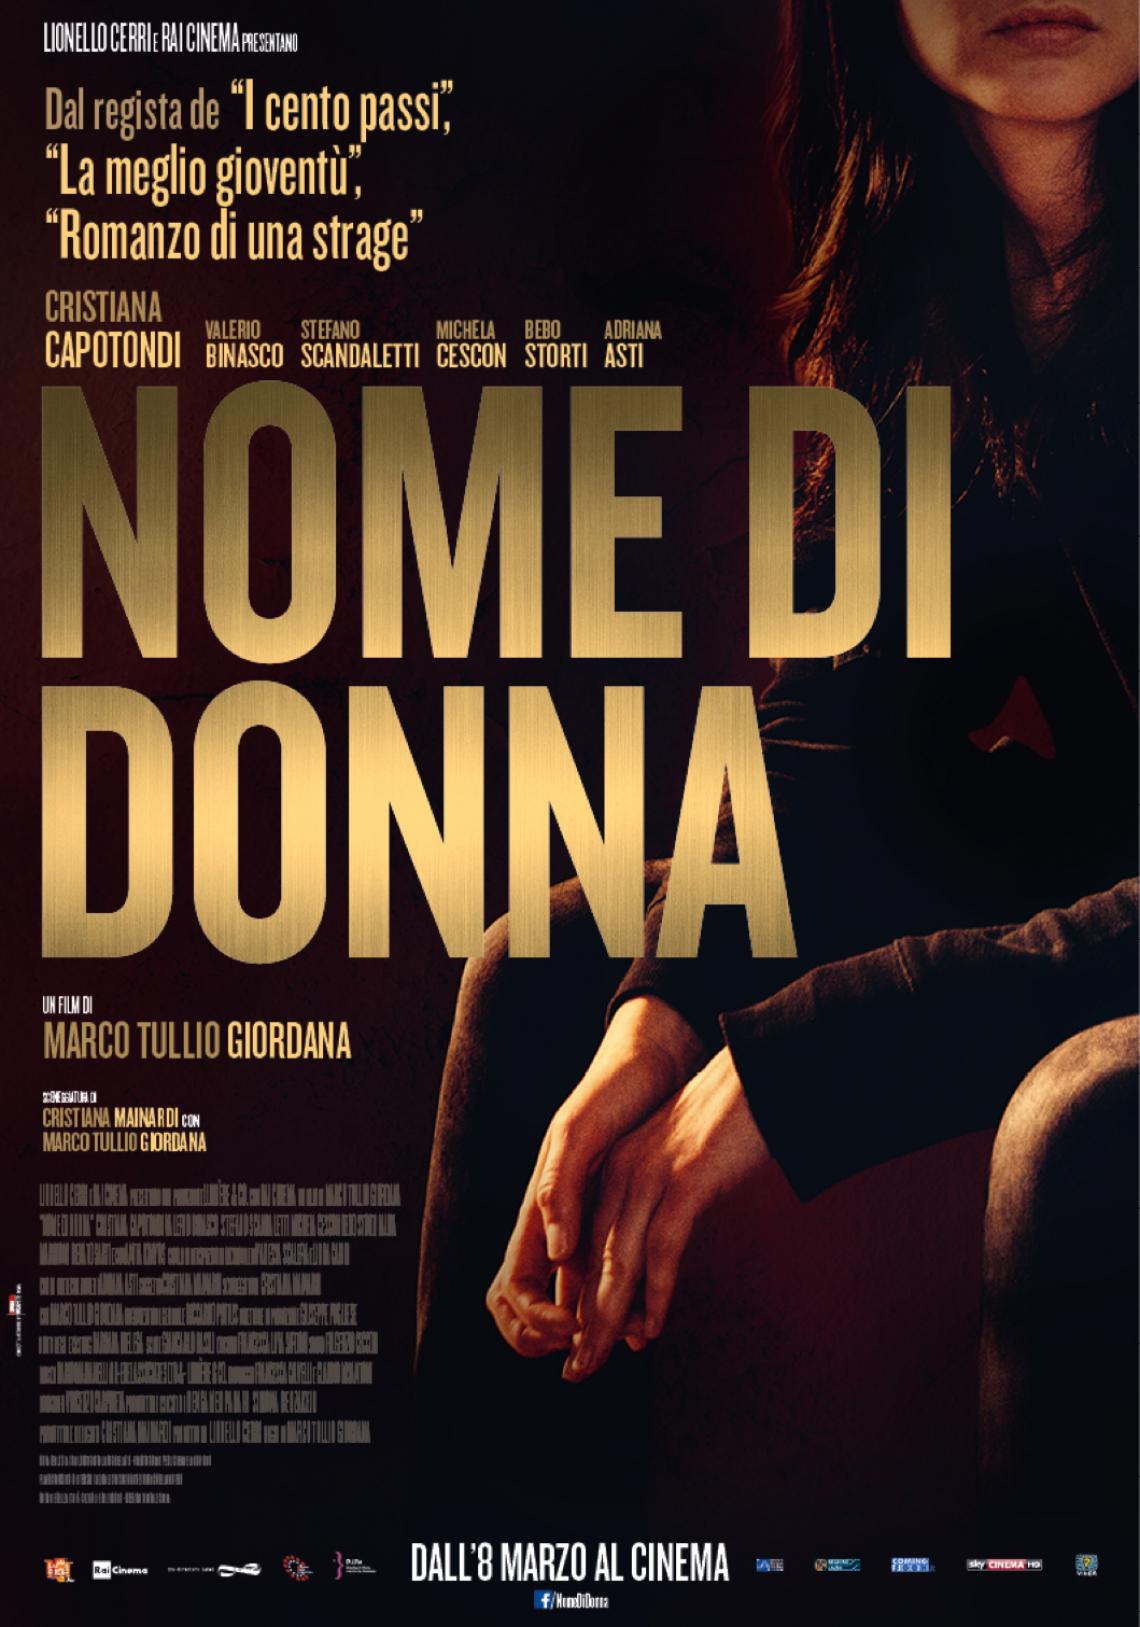 Nome di donna, un film sulle molestie sessuali sul posto di lavoro